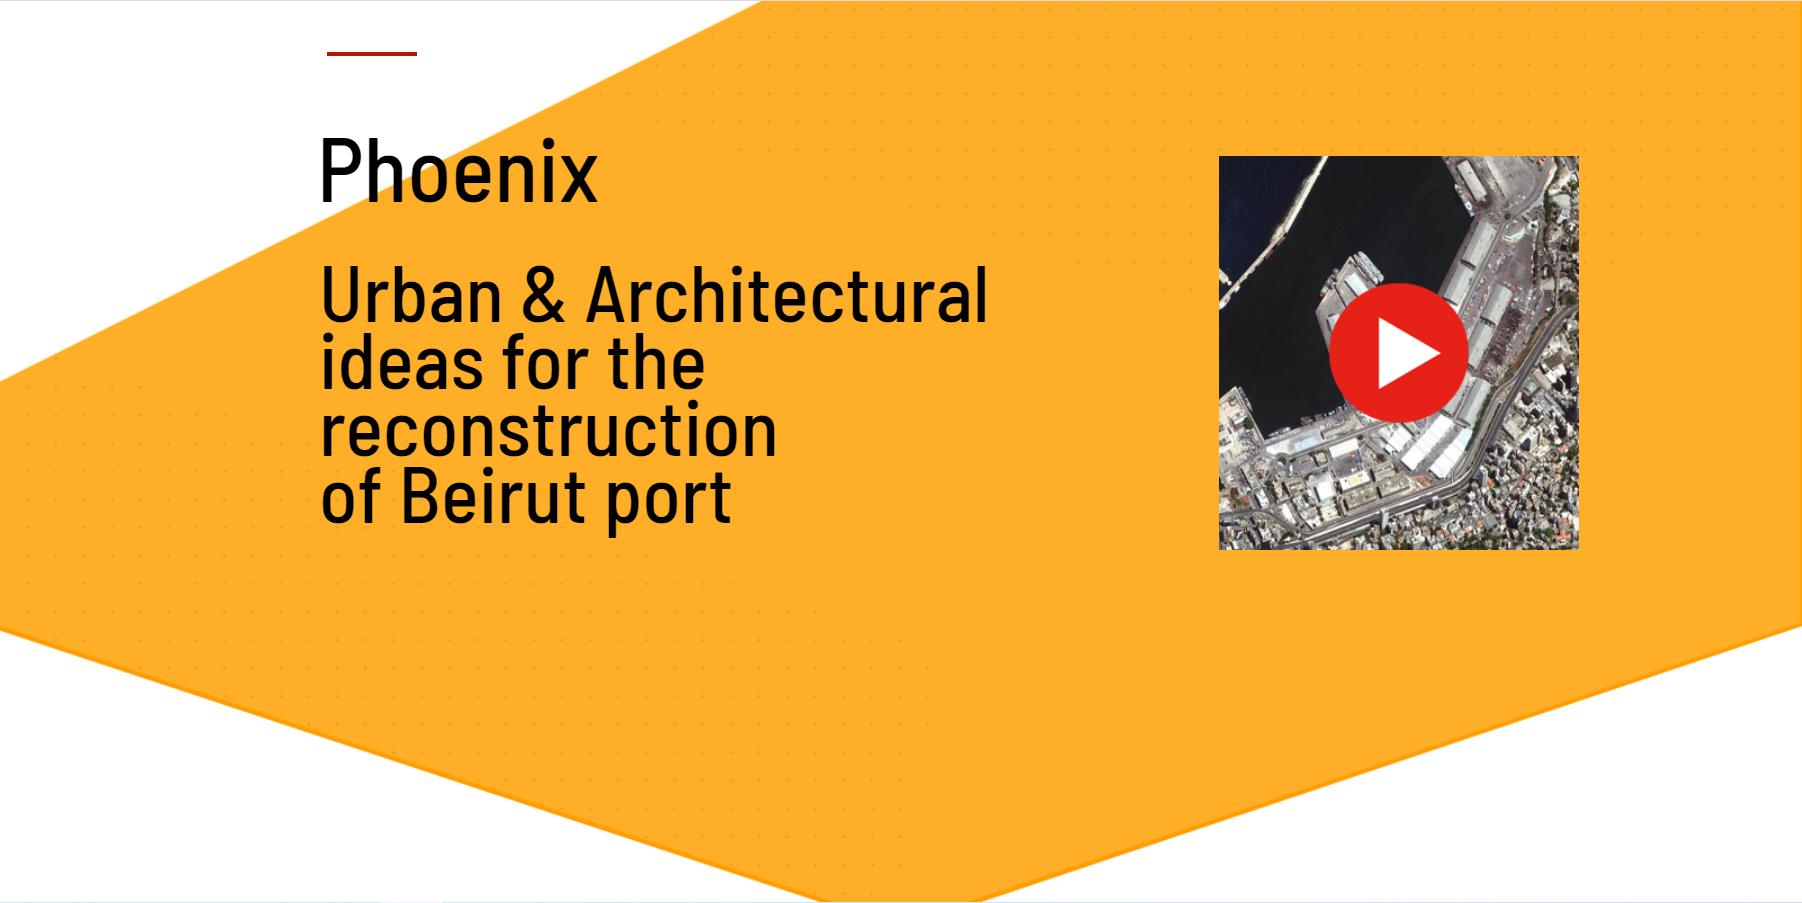 重建贝鲁特港口建筑与城市设计竞赛